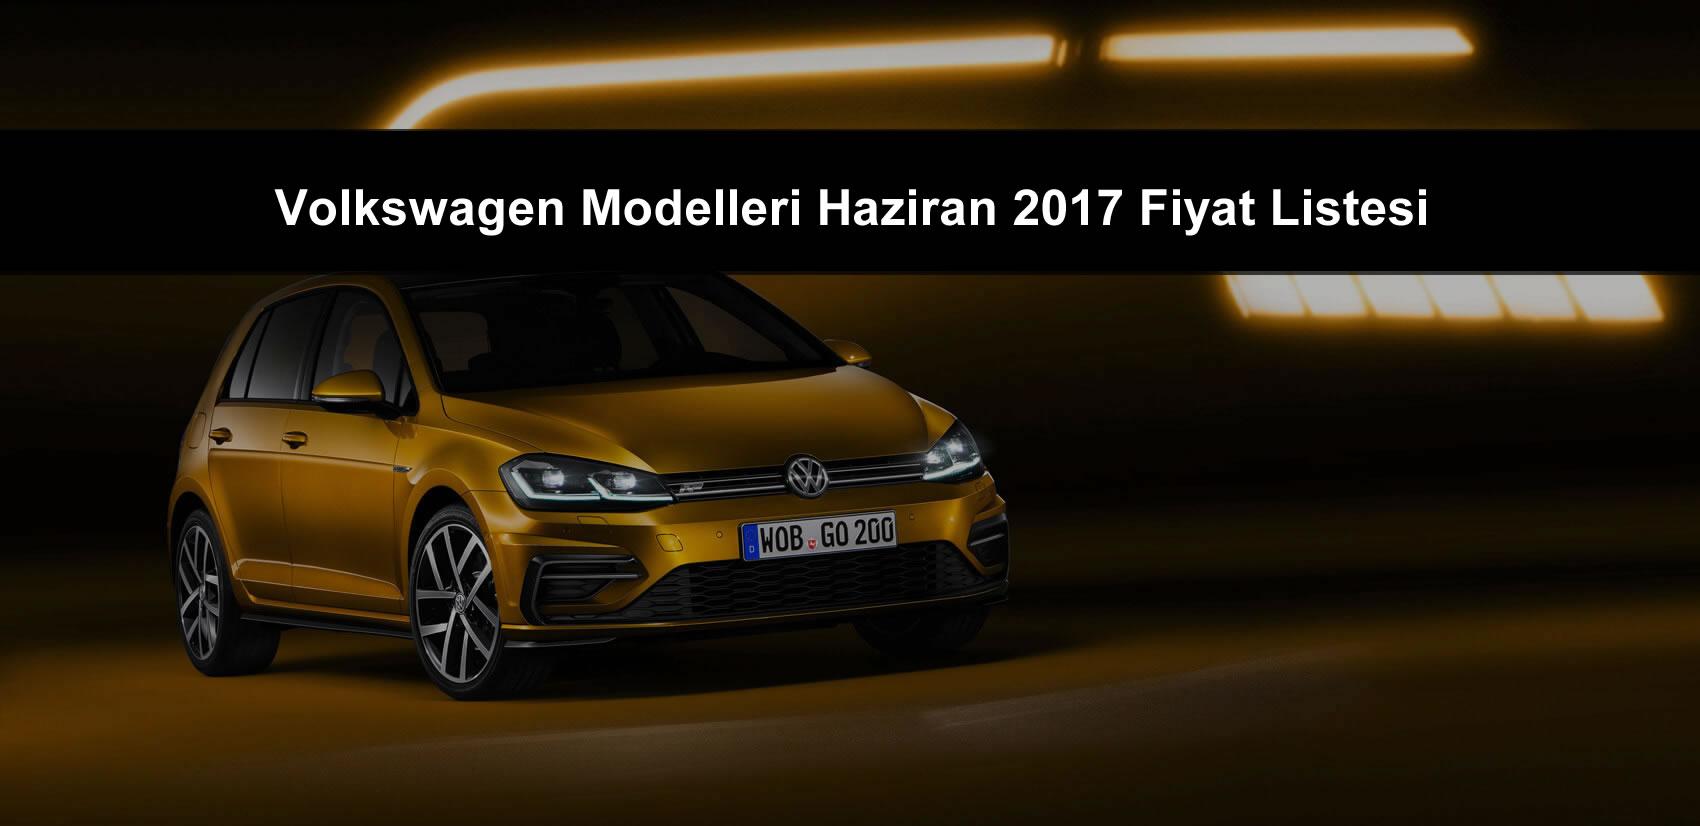 Volkswagen Modelleri Haziran 2017 Fiyat Listesi